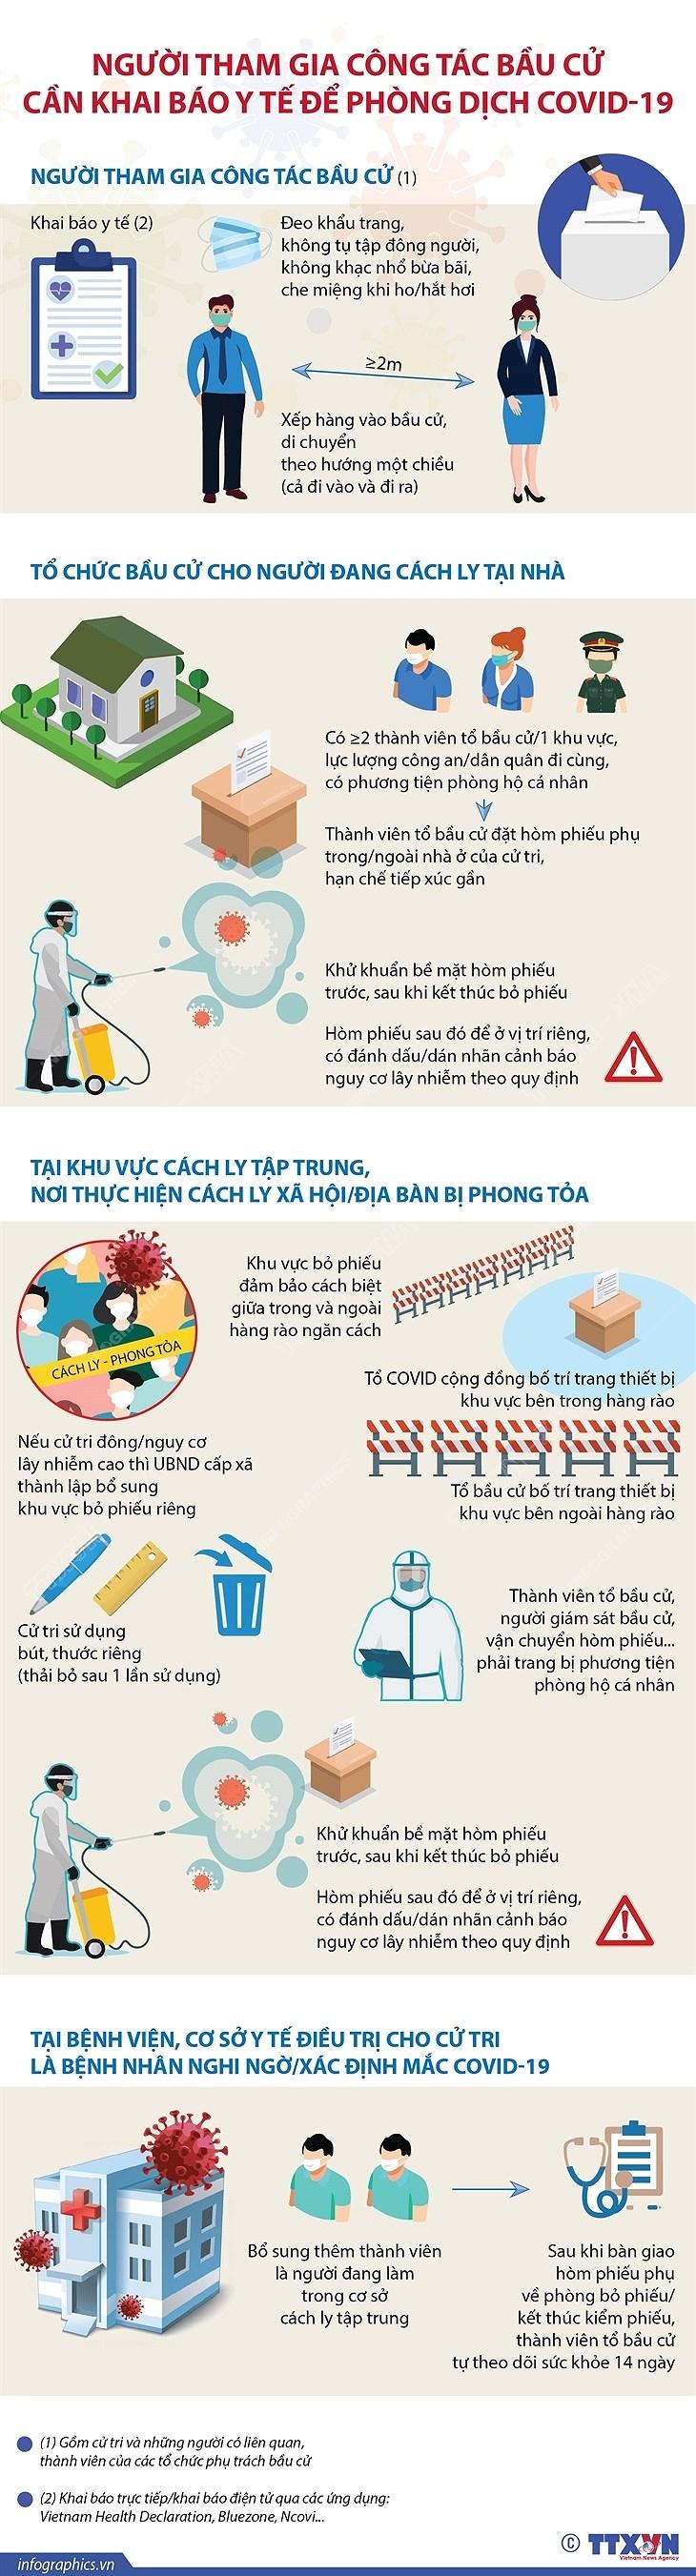 [Infographics] Nguoi tham gia cong tac bau cu can khai bao y te hinh anh 1